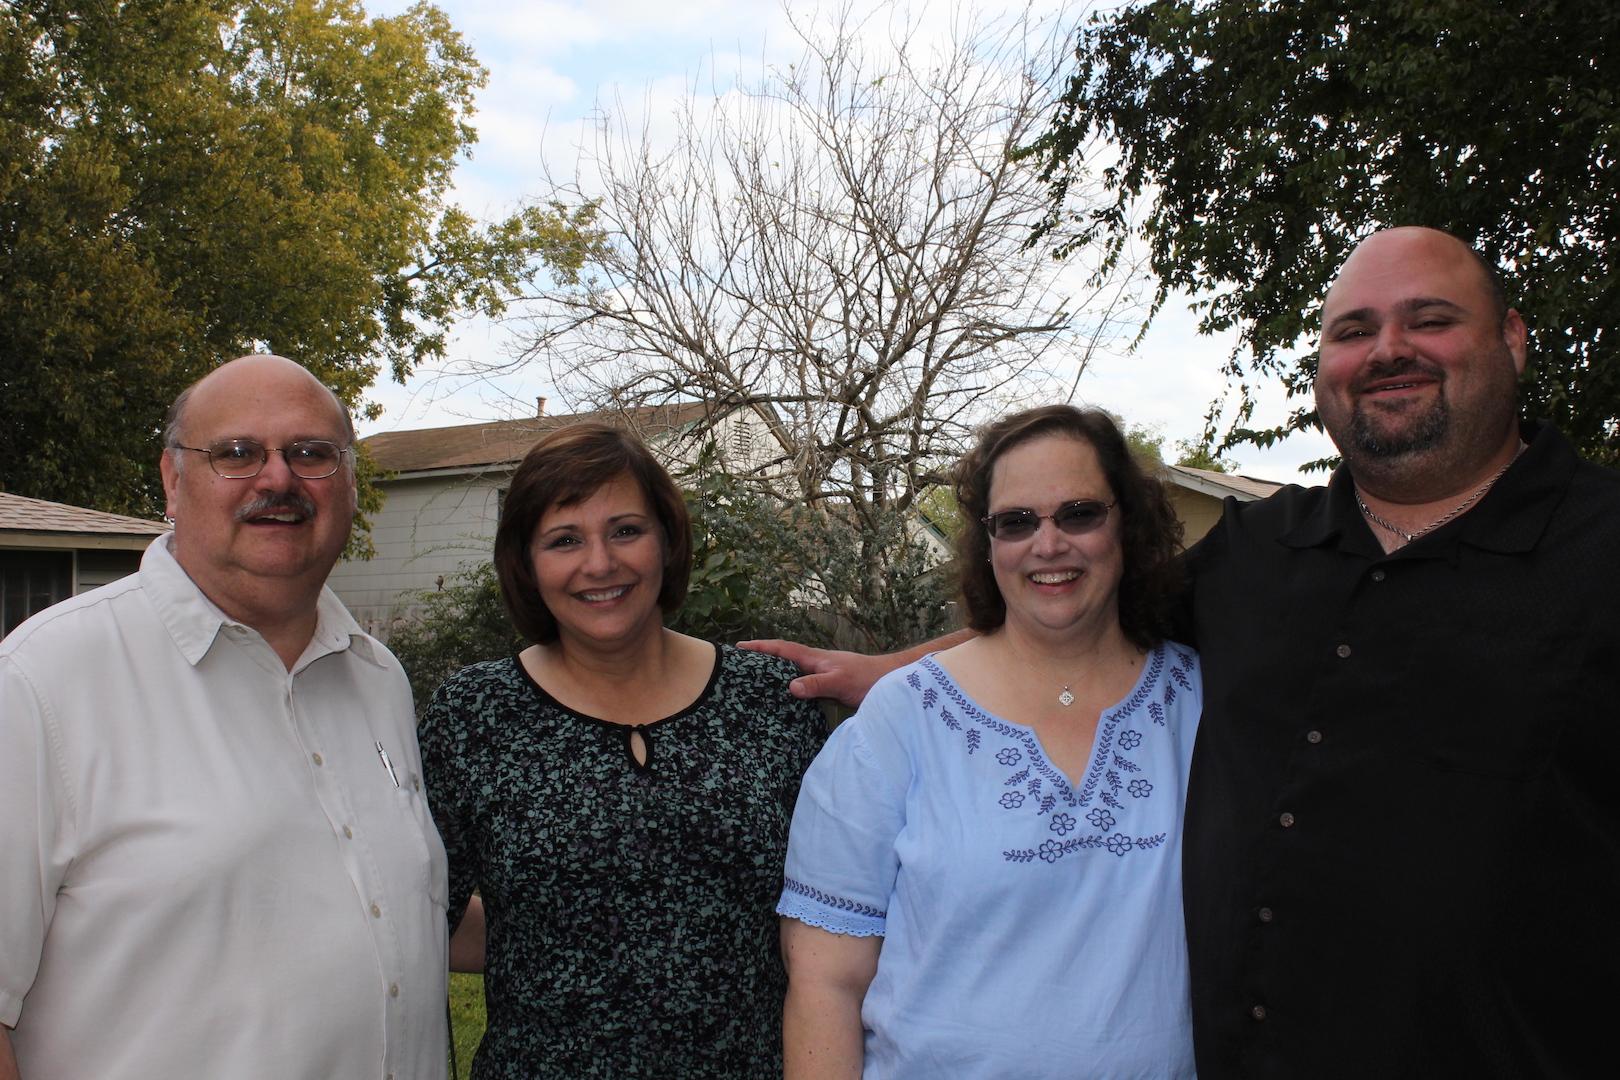 Macario, Marian, Melinda, and Big Mike